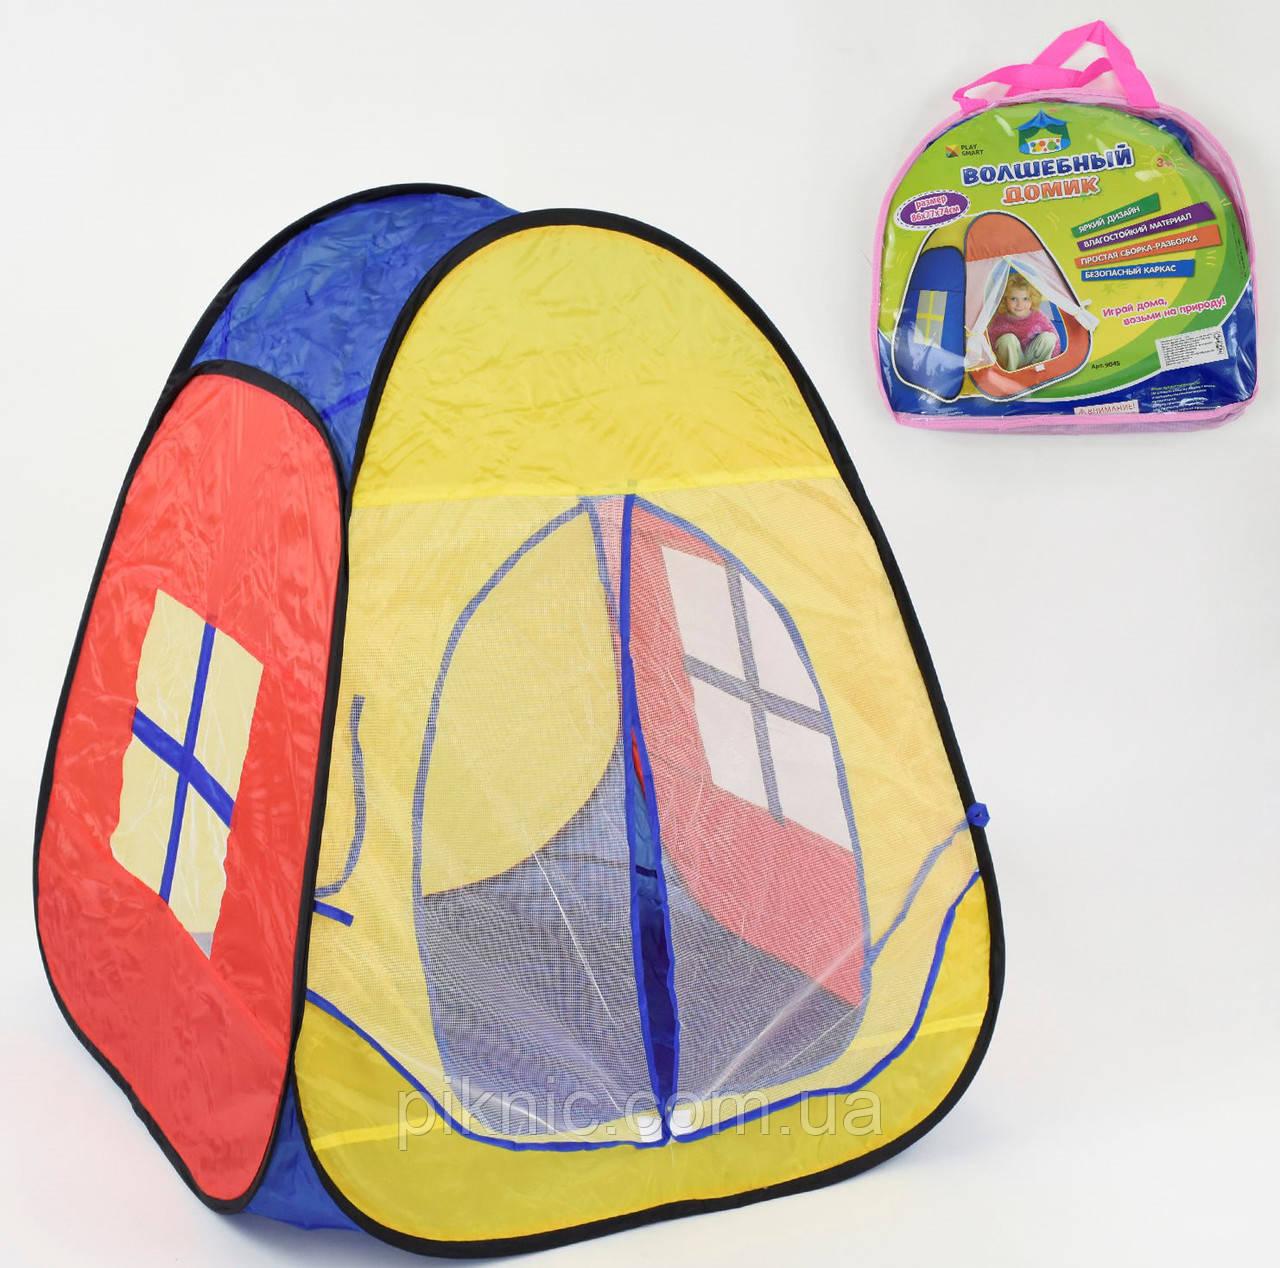 Палатка Волшебный домик 77х74х86 для детей. Детская игровая палатка для отдыха